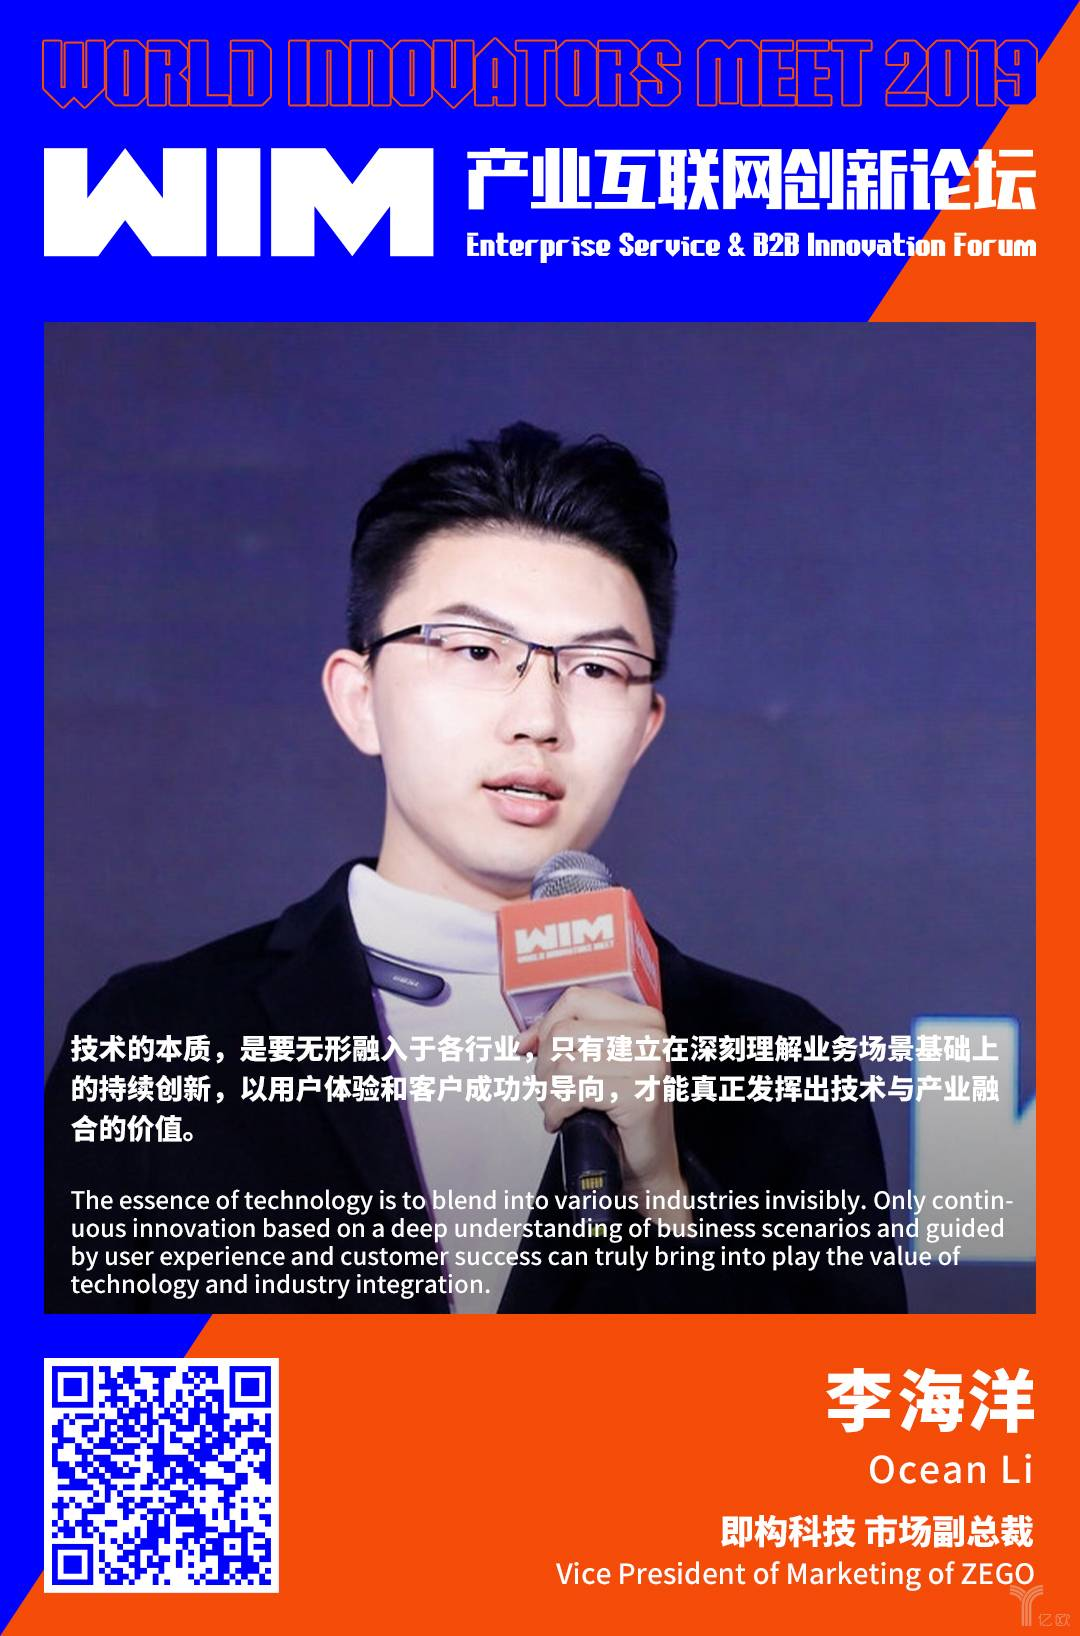 即构科技市场副总裁李海洋.jpg